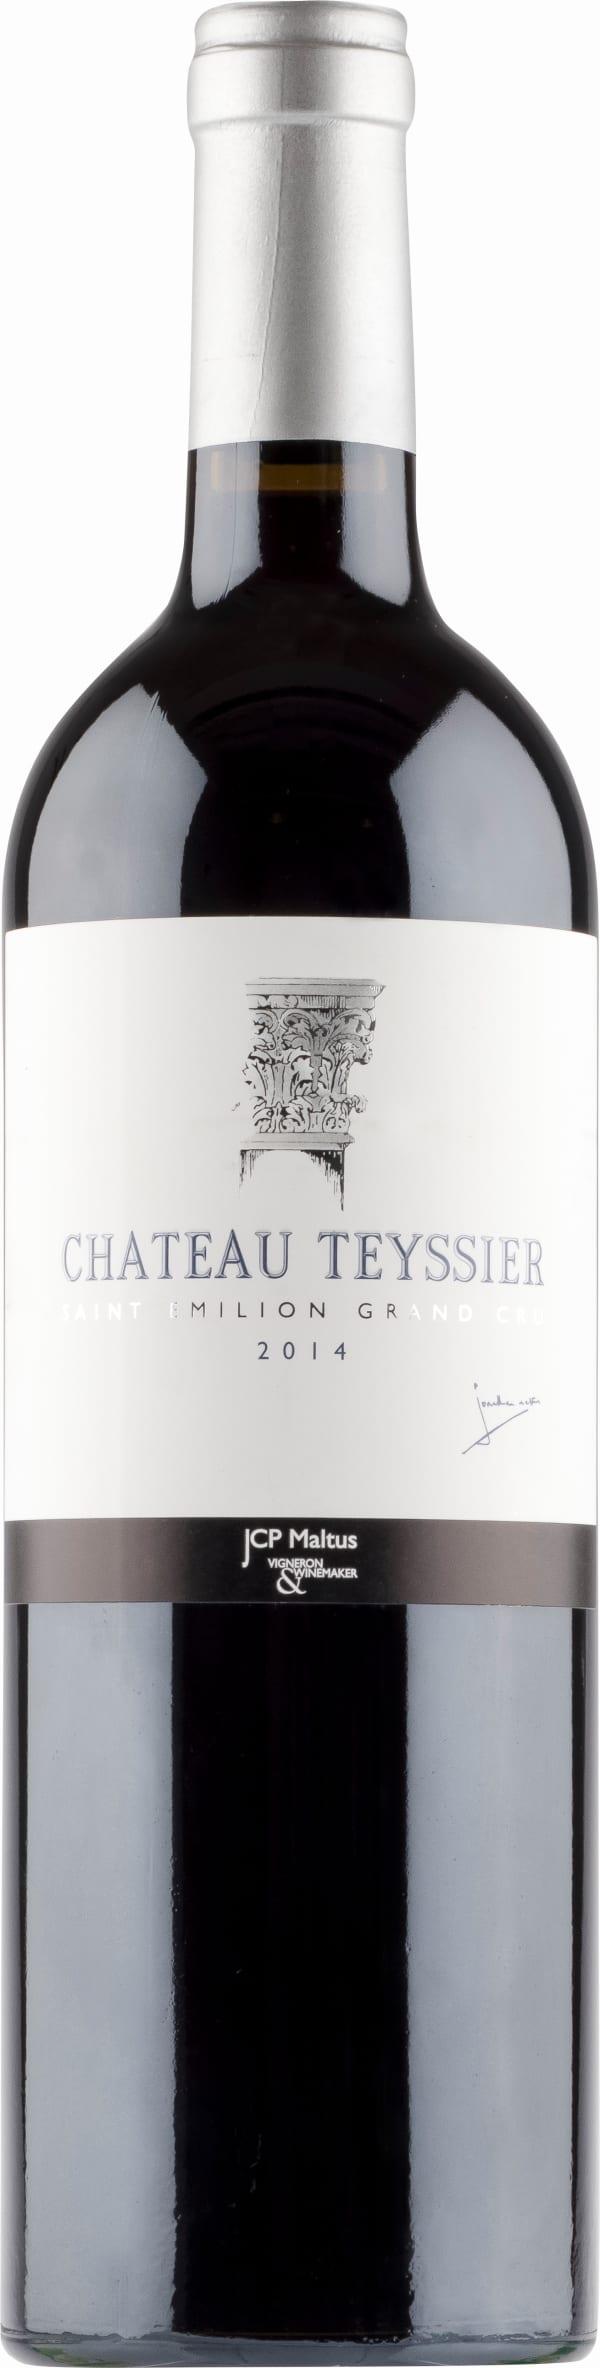 Château Teyssier 2014